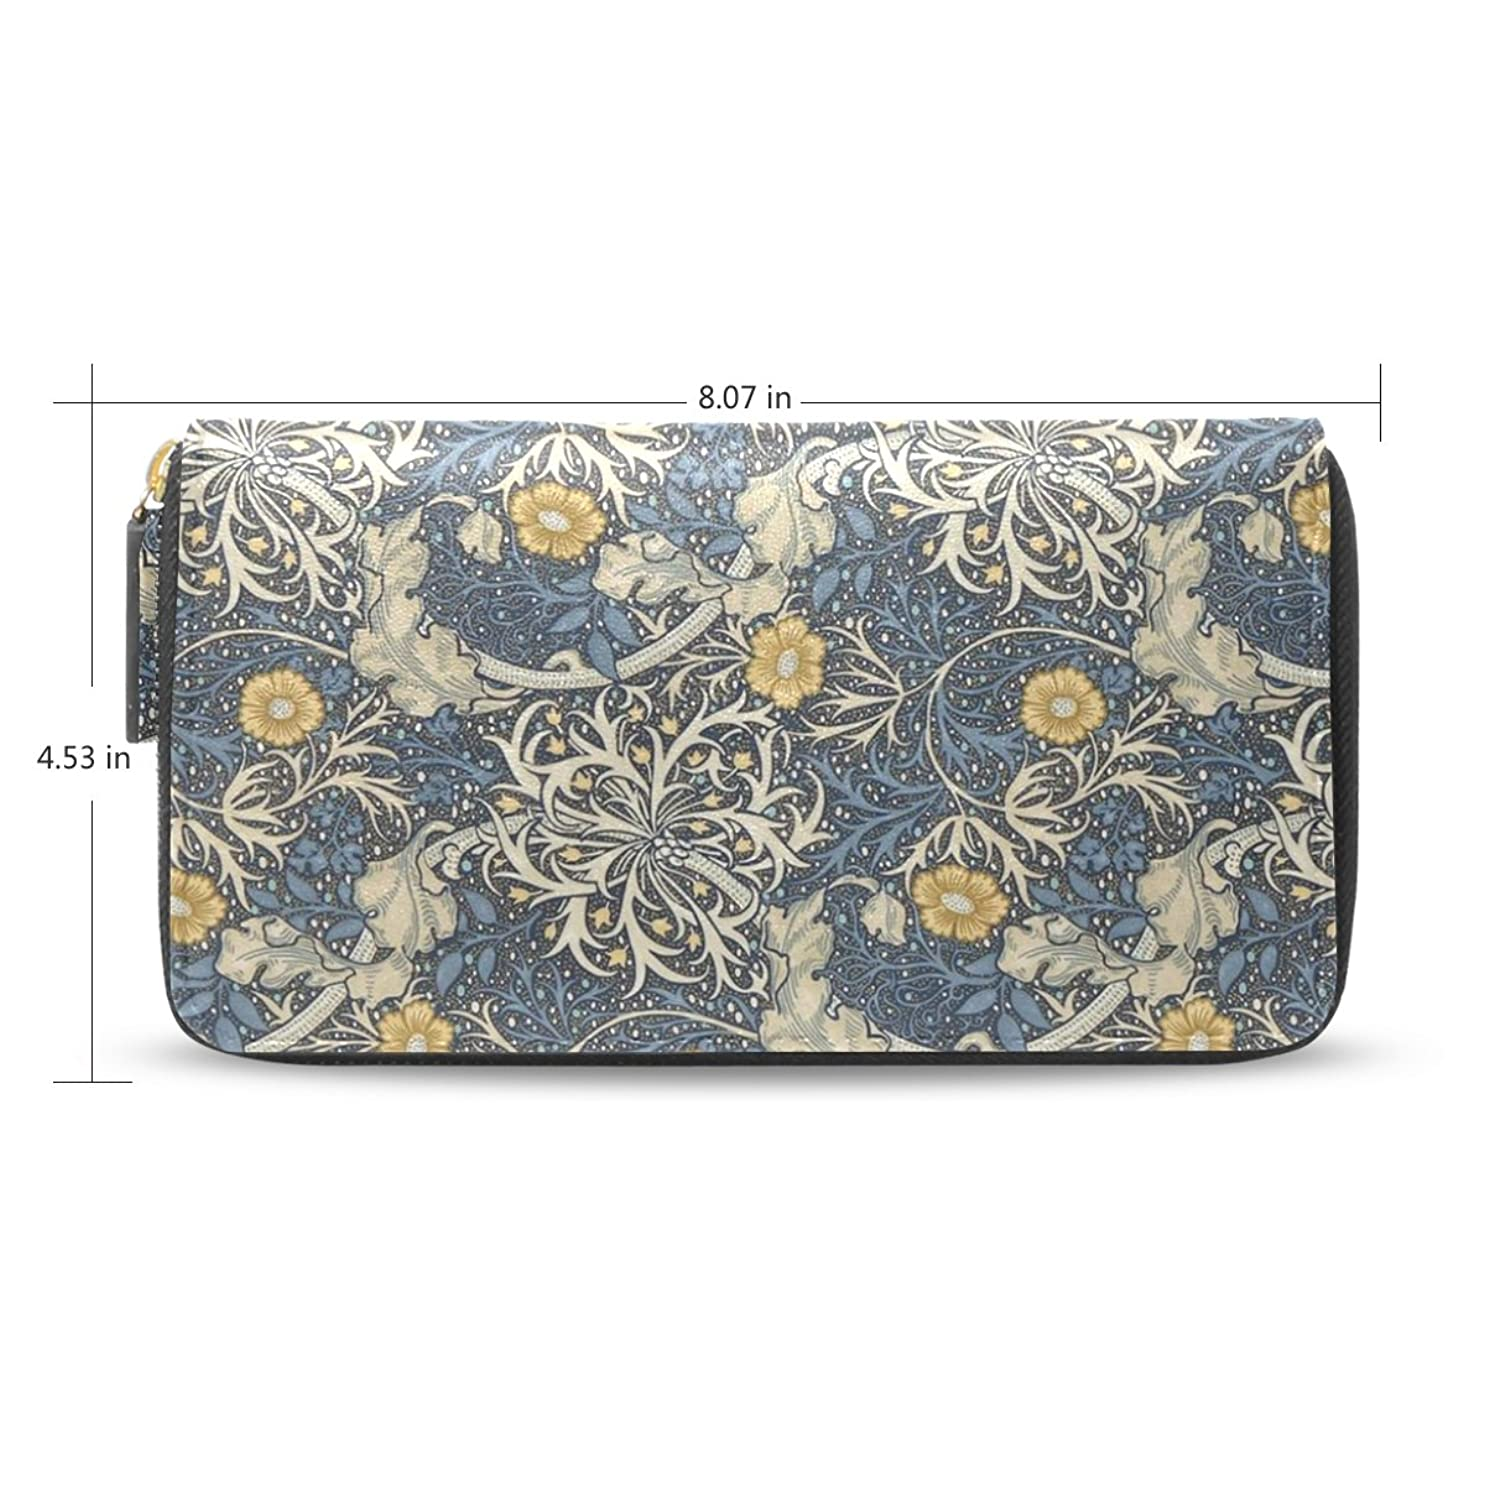 無駄だ音楽を聴く主張するWomens William Morris Printsレザー長財布財布ケースカードホルダー